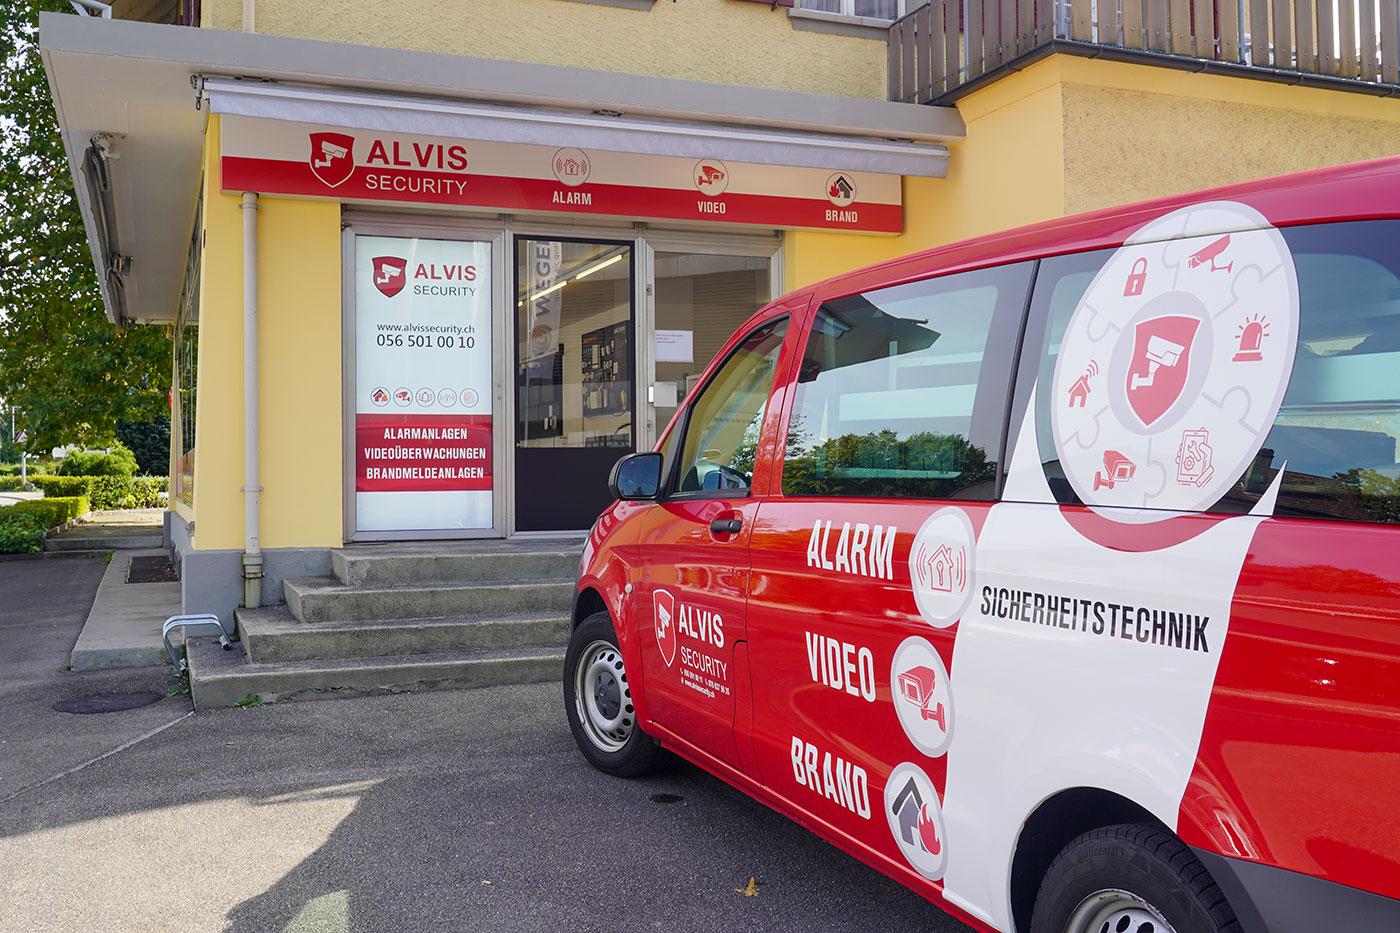 Eingang zu Showroom von ALVIS Security GmbH